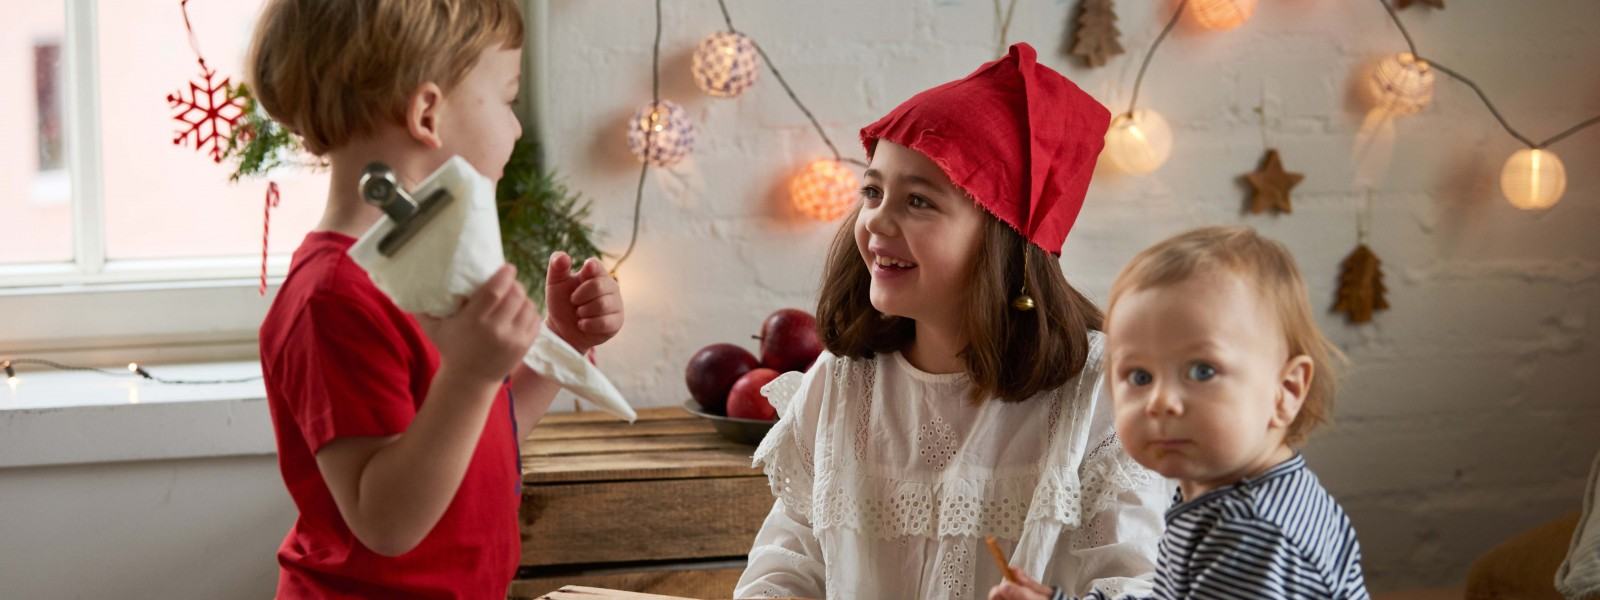 Hyvä Joulumieli -keräyksen kuva, EI saa käyttää muussa yhteydessä.